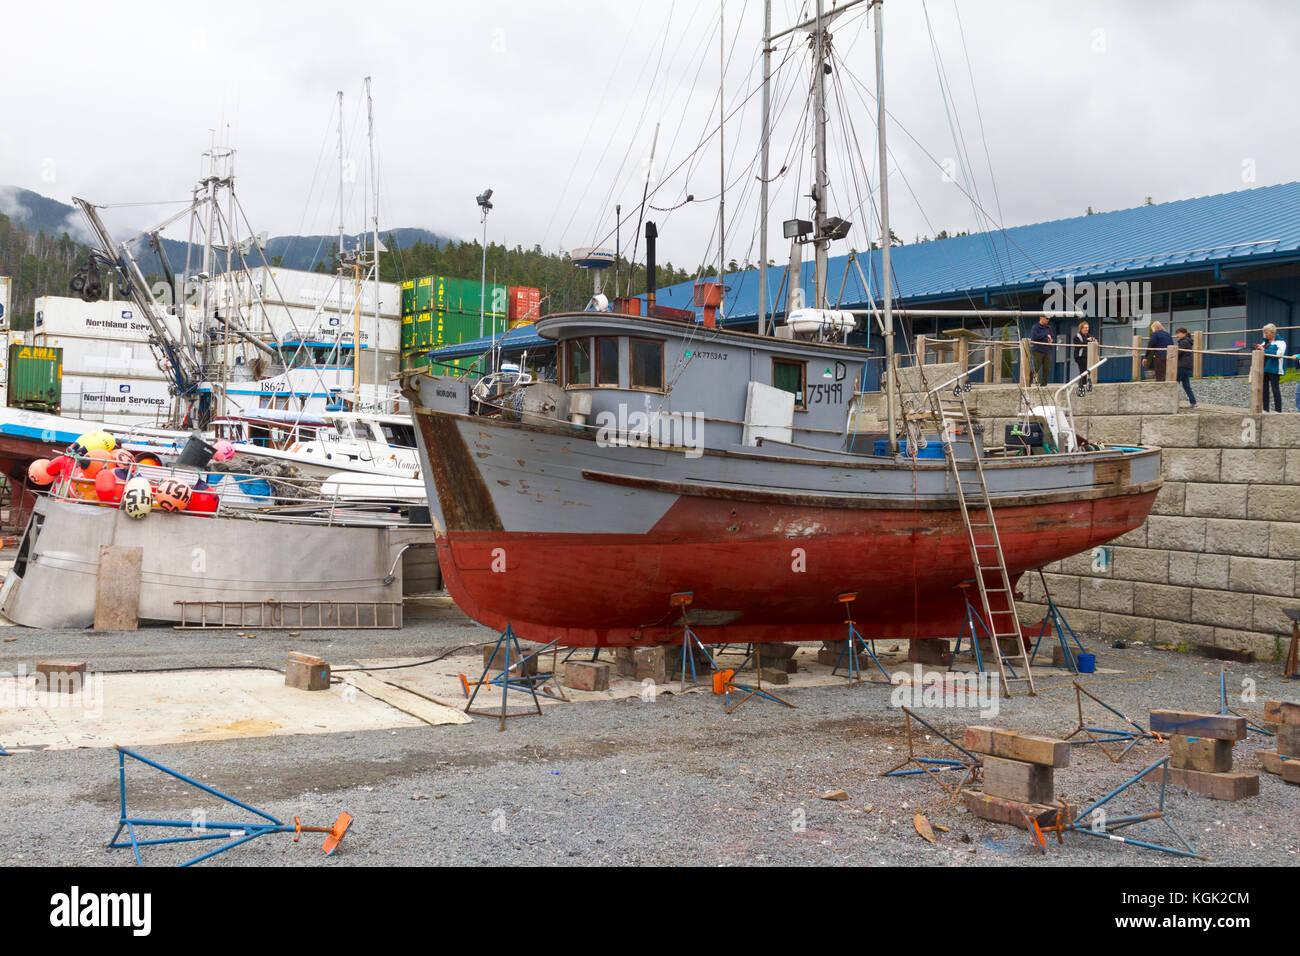 Alaska fishing boat stock photos alaska fishing boat for Alaska fishing boats